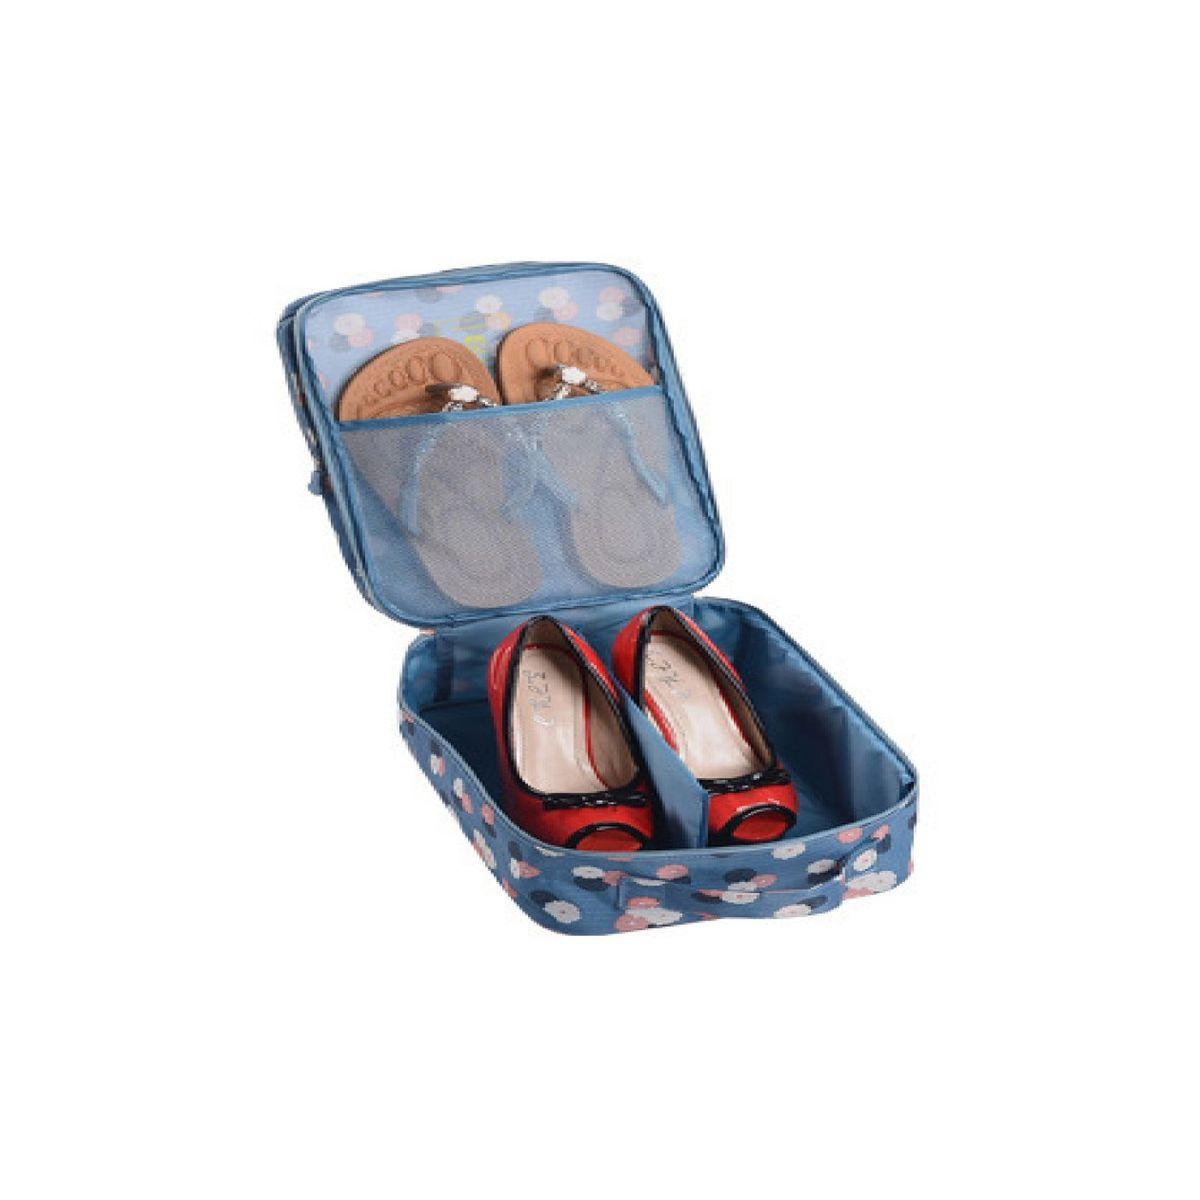 Органайзер для обуви Homsu Синий цветок, 32 x 20 x 13 смHOM-409Органайзер для обуви удобно вмещает в себя одну или несколько пар обуви. Внутри есть отсек для хранения аксессуаров! Чехол не проницаемый для влаги и грязи. Имеется ручка для переноски! Фактический цвет может отличаться от заявленного.